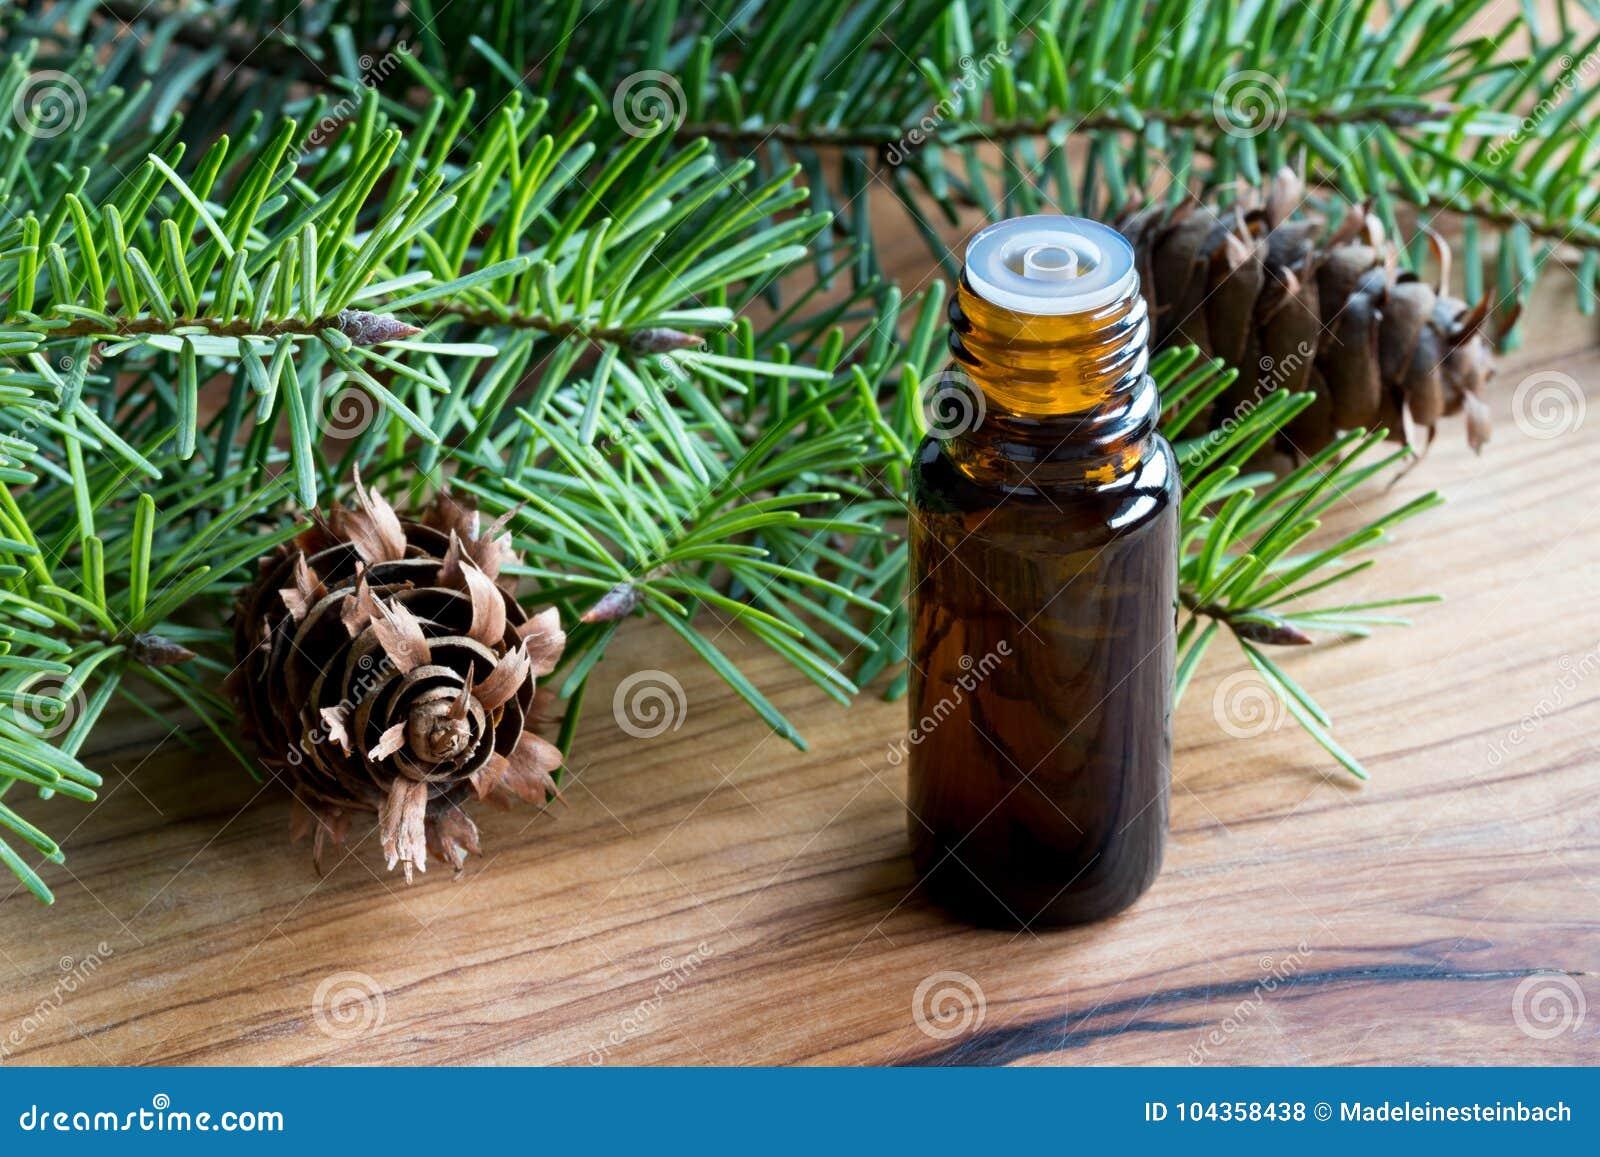 Темная бутылка эфирного масла ели Дугласа с отрубями ели Дугласа